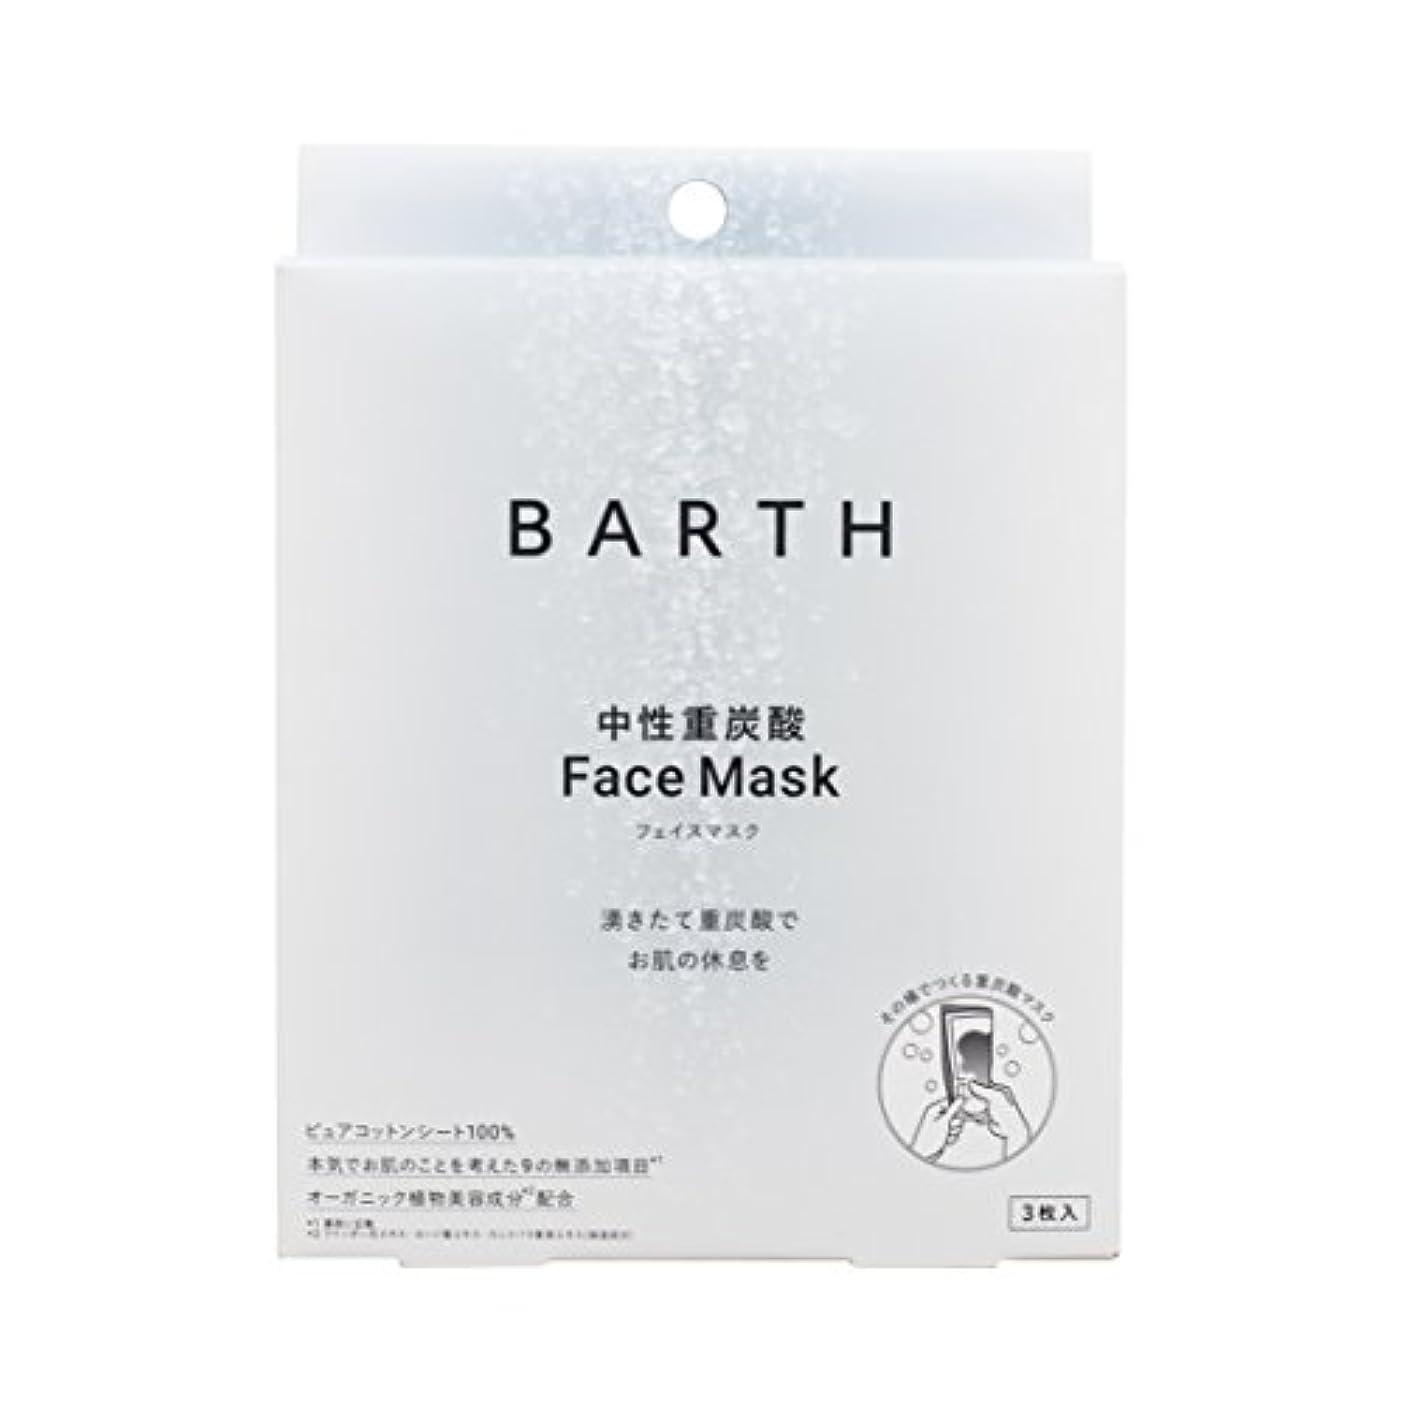 固有の幸福憎しみBARTH【バース】 中性 重炭酸 フェイスマスク (無添加 日本製 ピュアコットン 100% オーガニック植物美容成分3種入り) (3包入り)